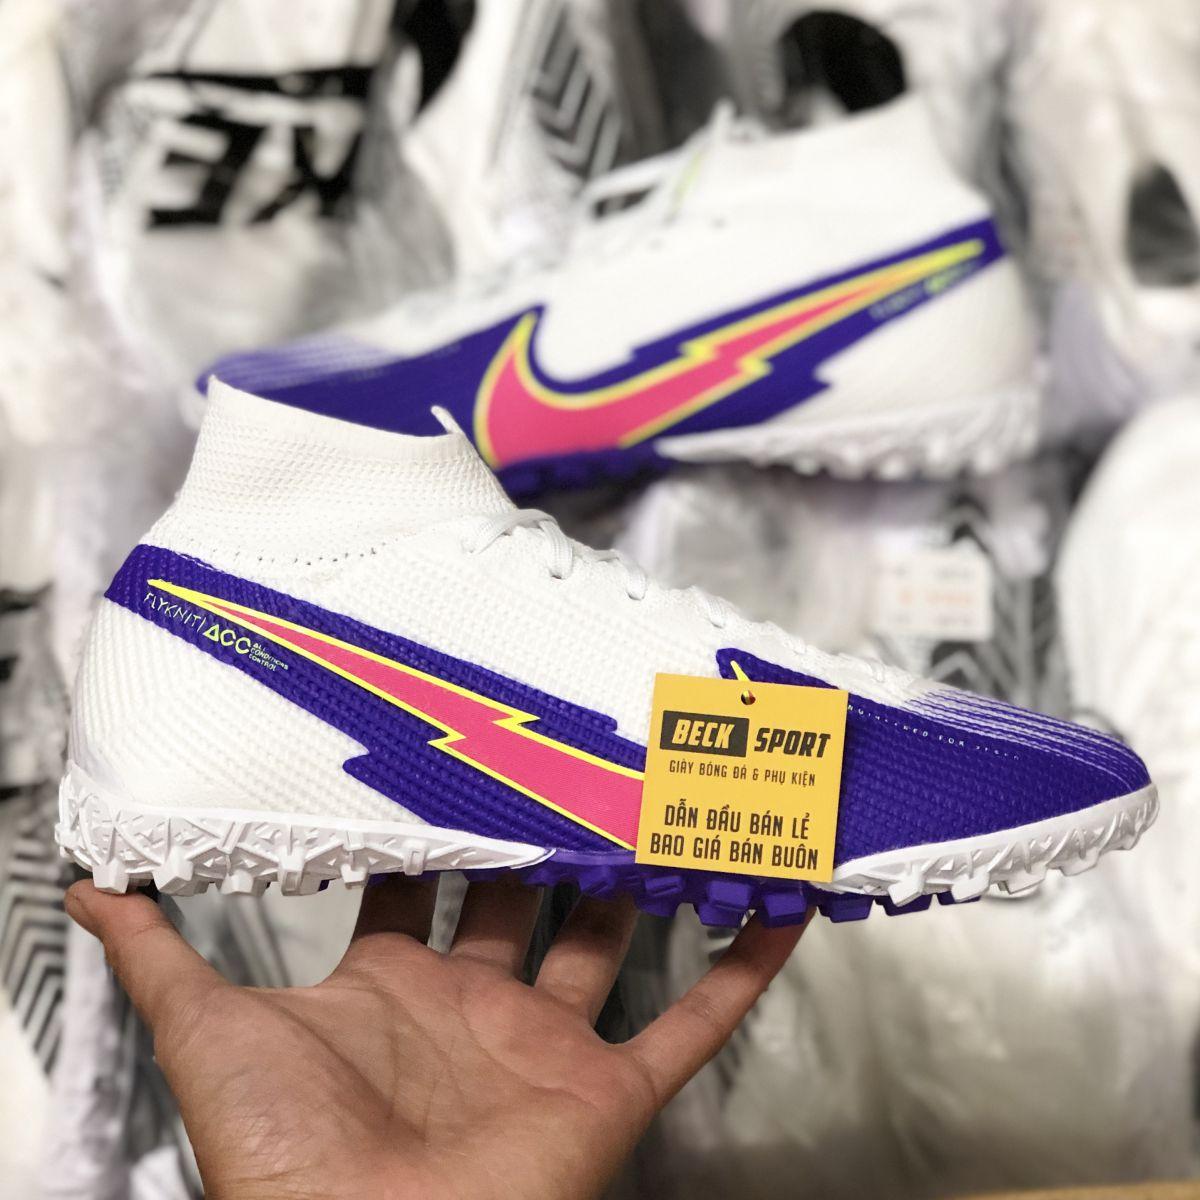 Giày Bóng Đá Nike Mercurial Superfly 7 Elite Trắng Tím Vạch Hồng Cổ Cao TF